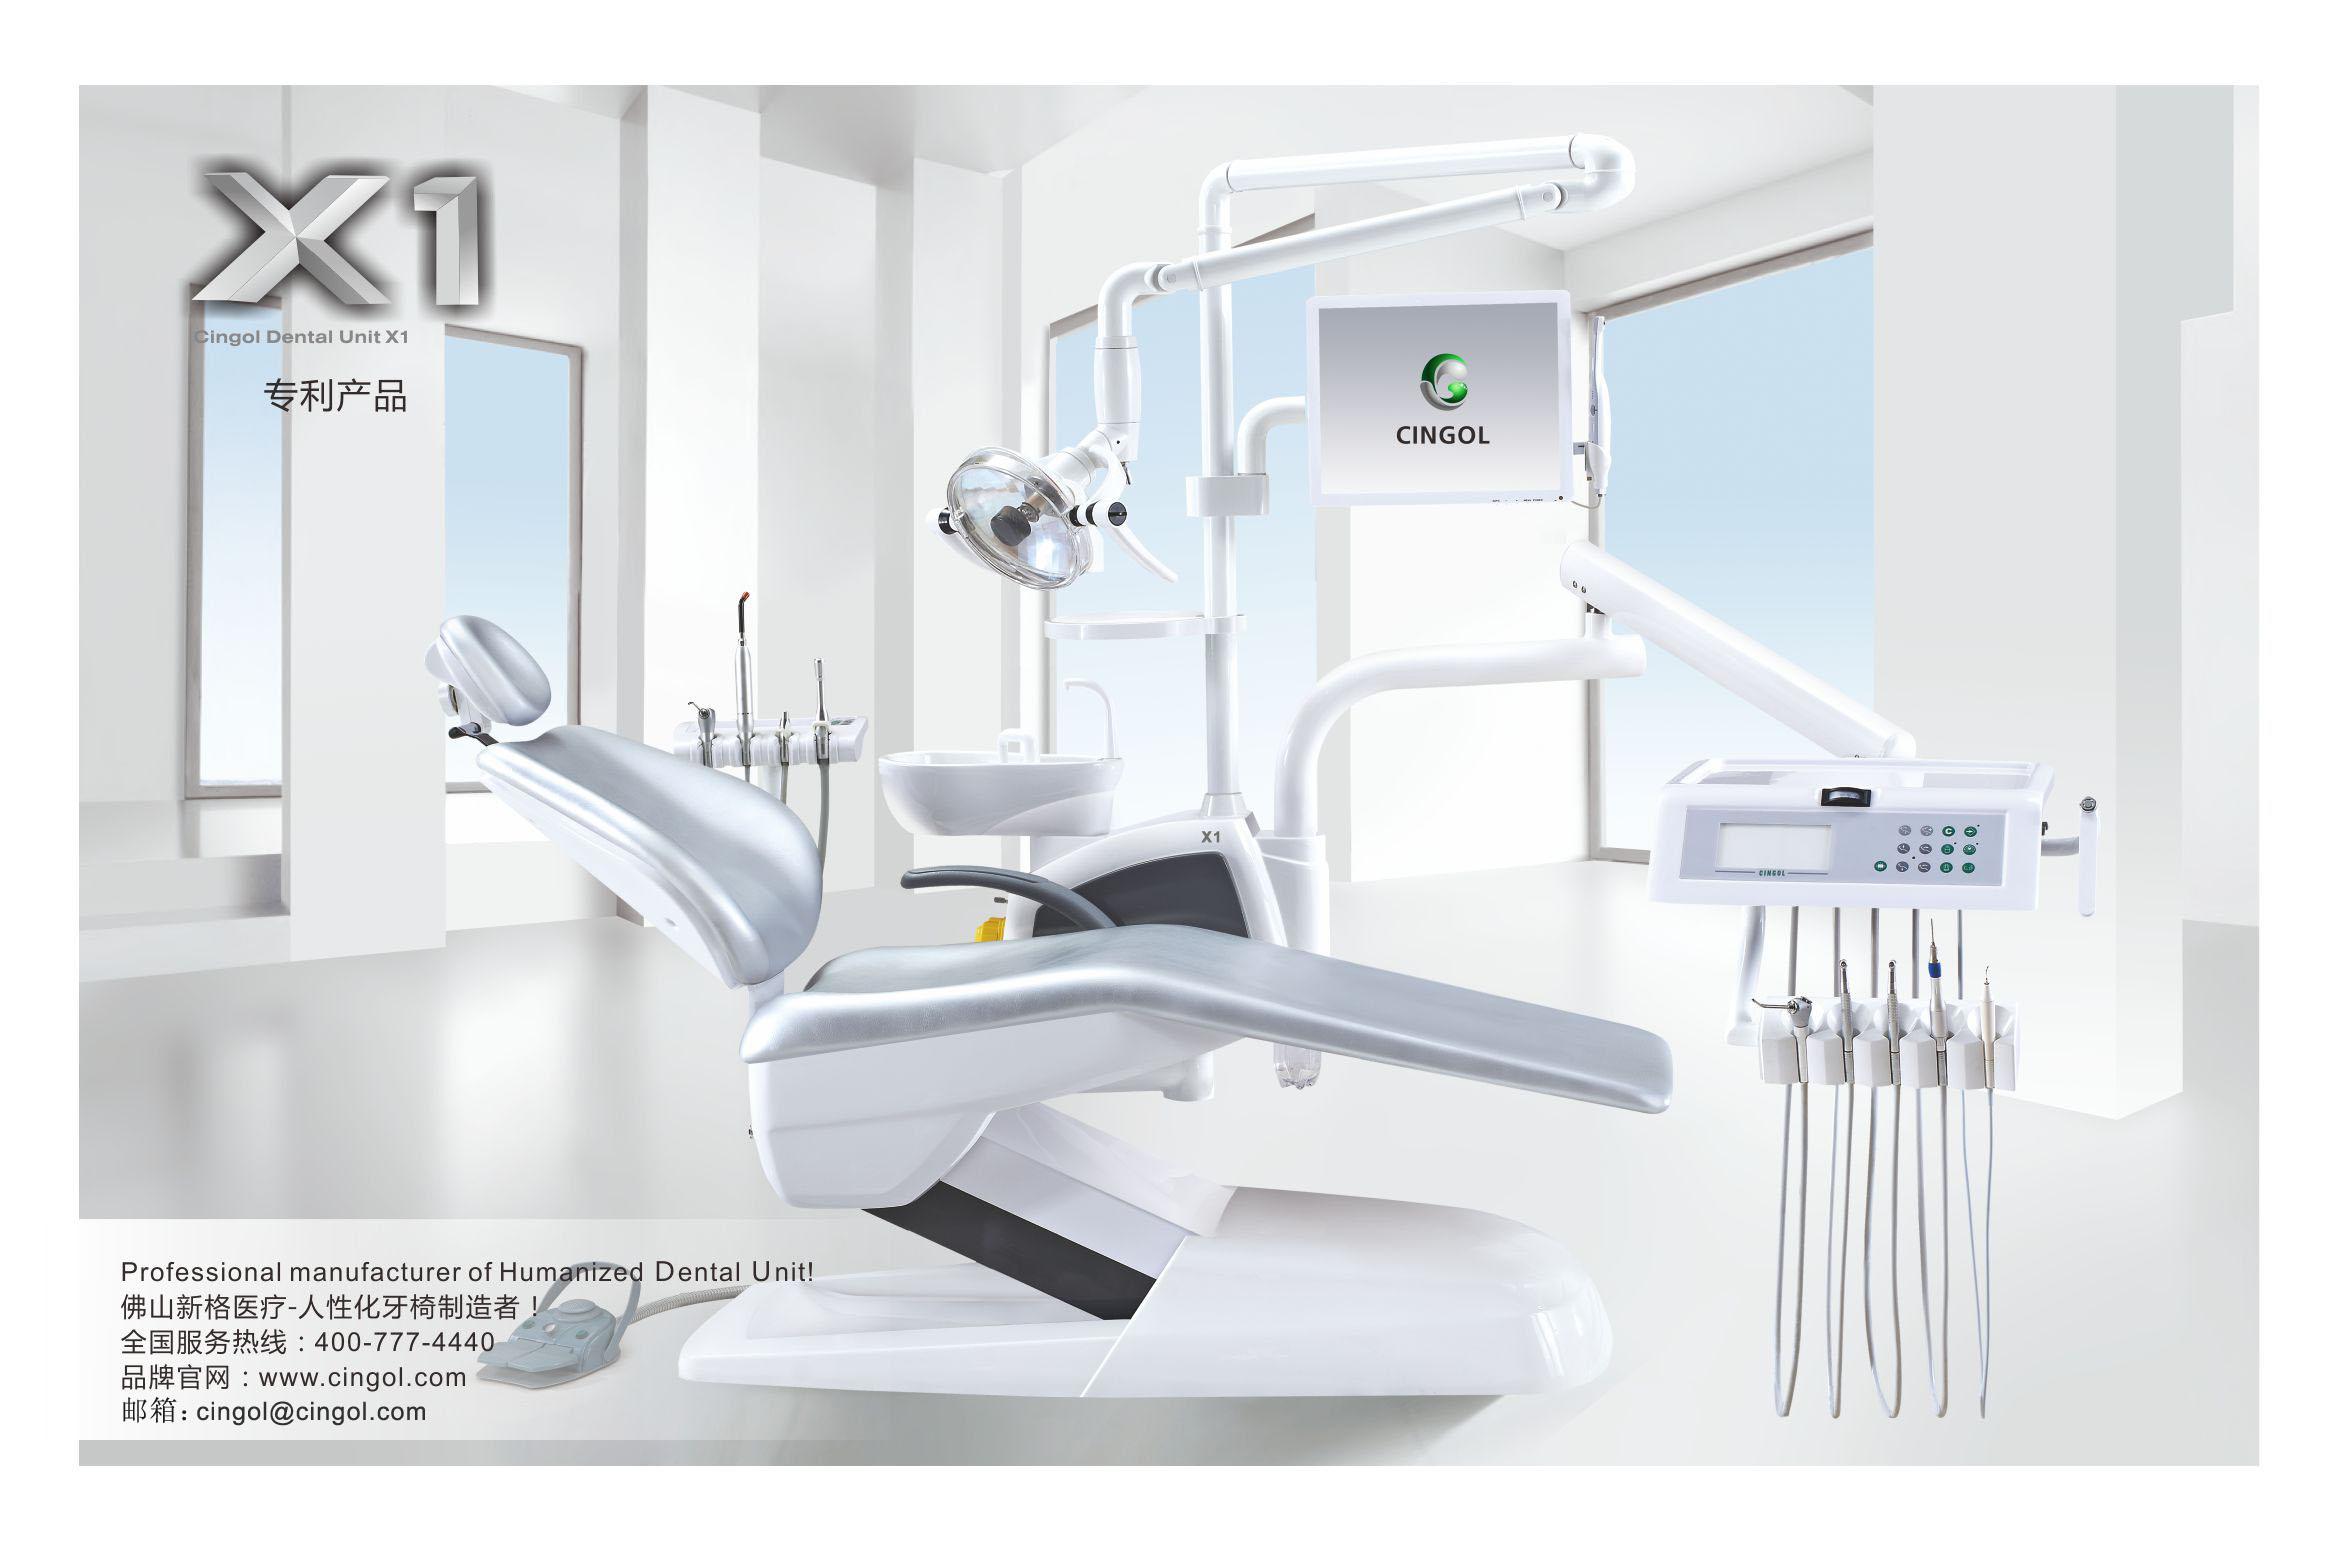 供应河南新格牙科综合治疗床、佛山新格医疗口腔综合治疗台、牙科综合治疗机品牌